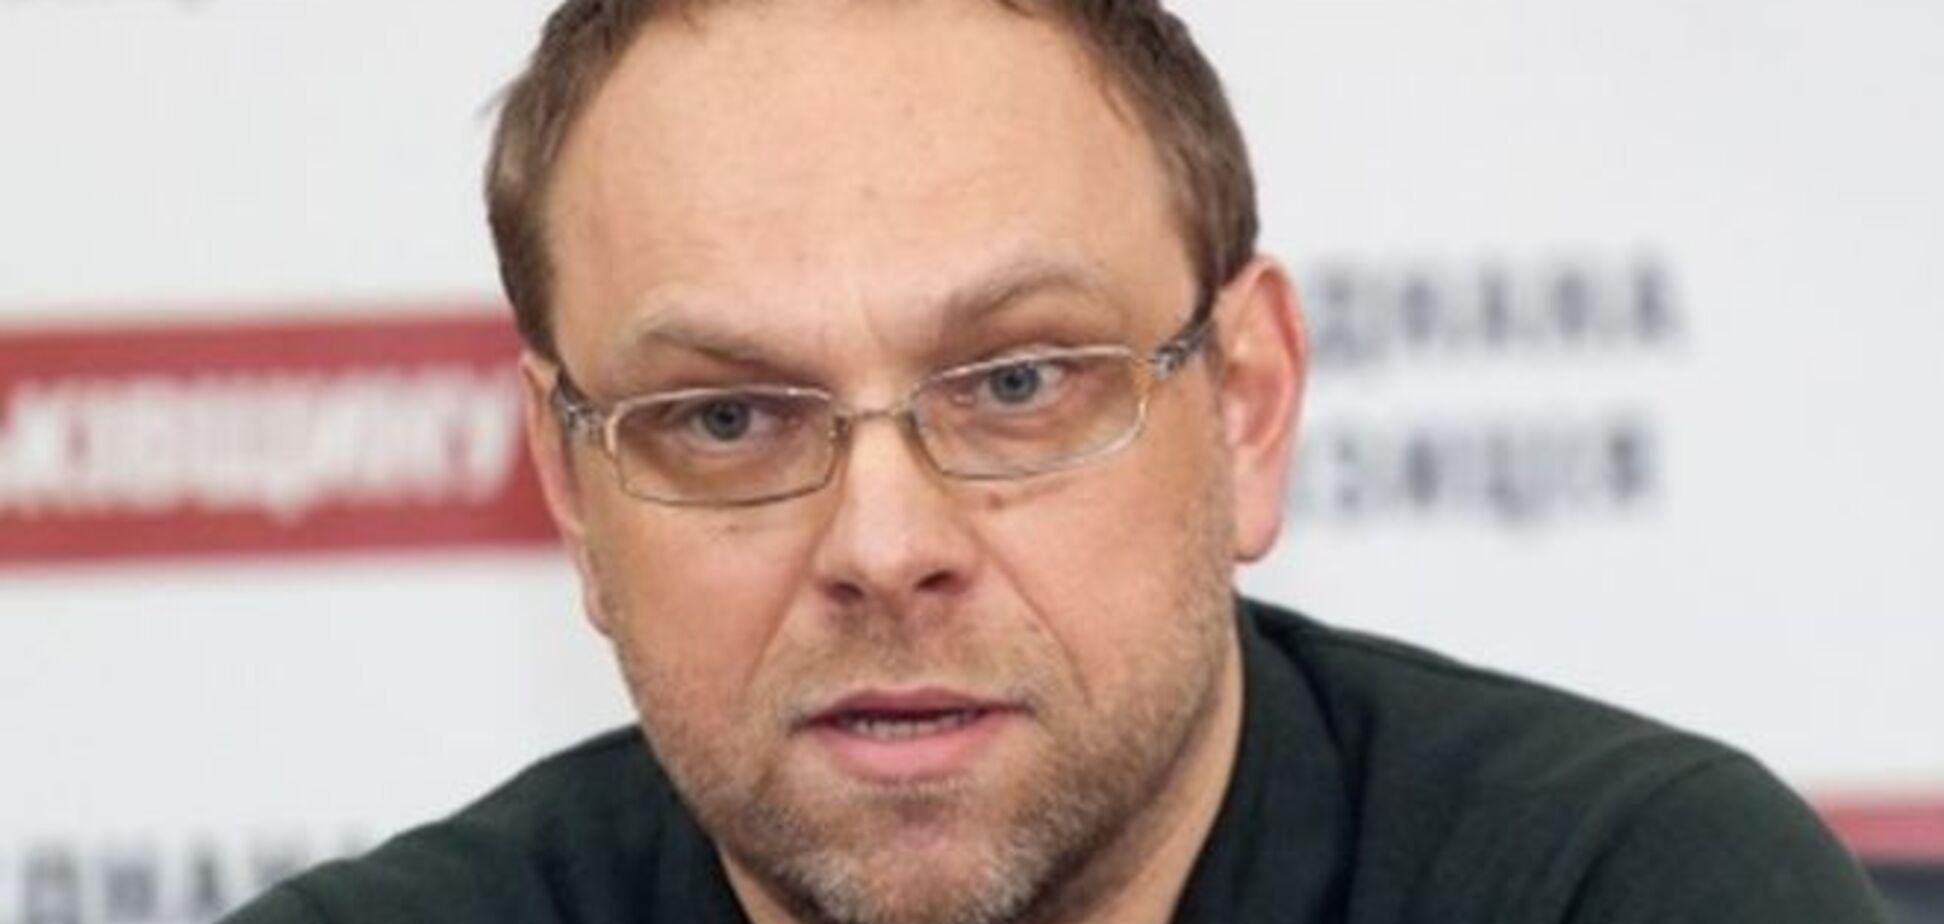 Власенко сделали операцию на сердце